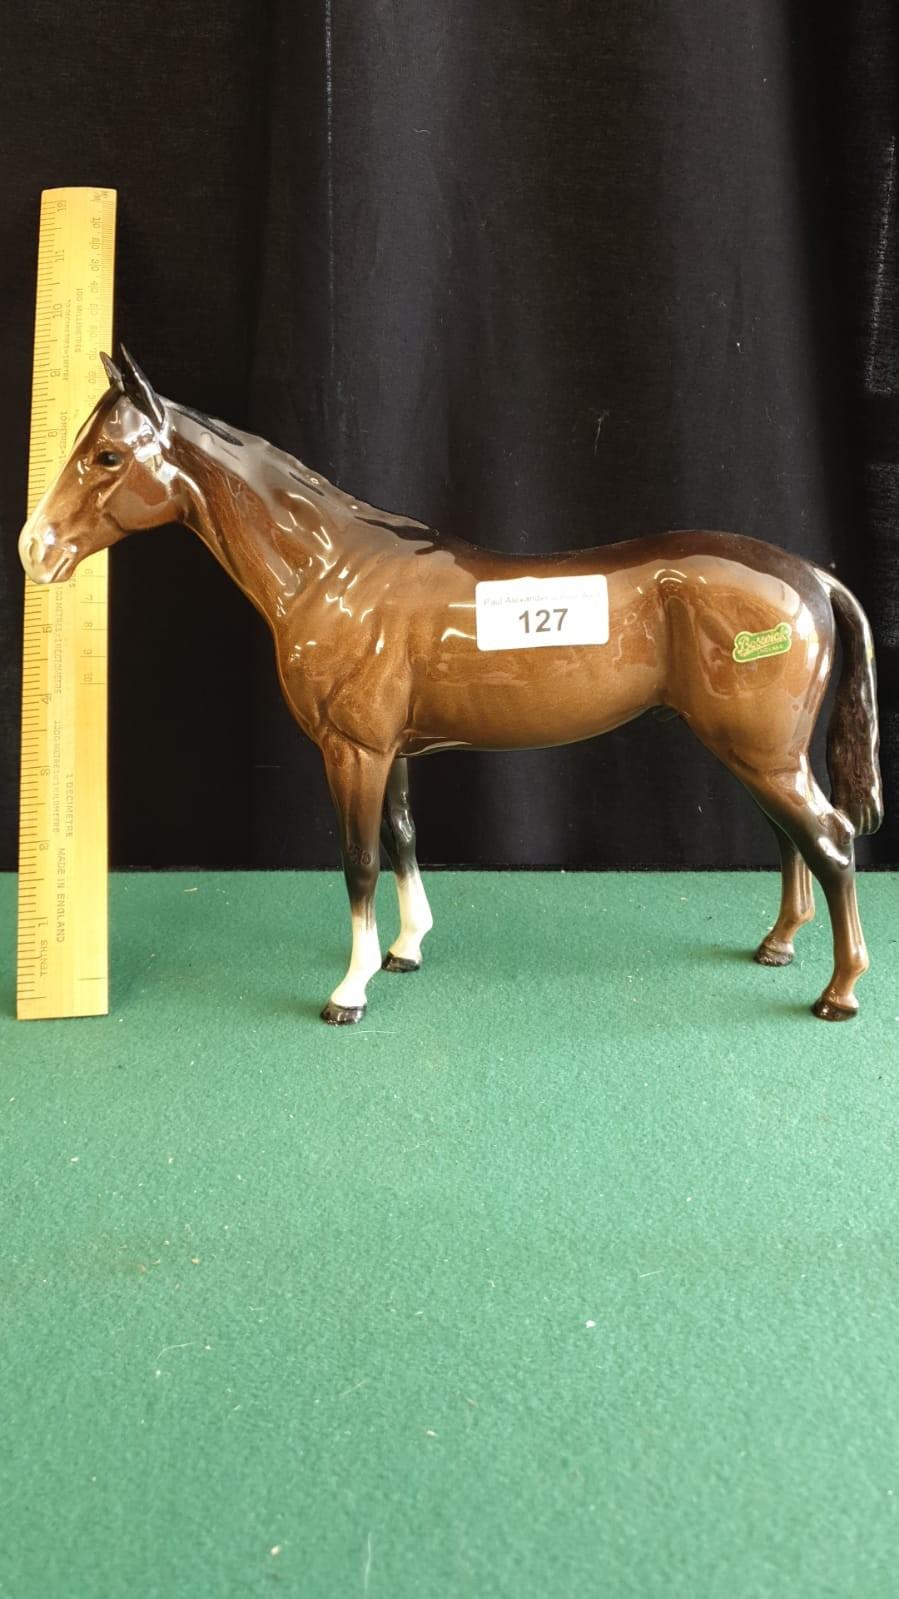 Large Beswick Thoroughbred Race Horse. - Image 2 of 2